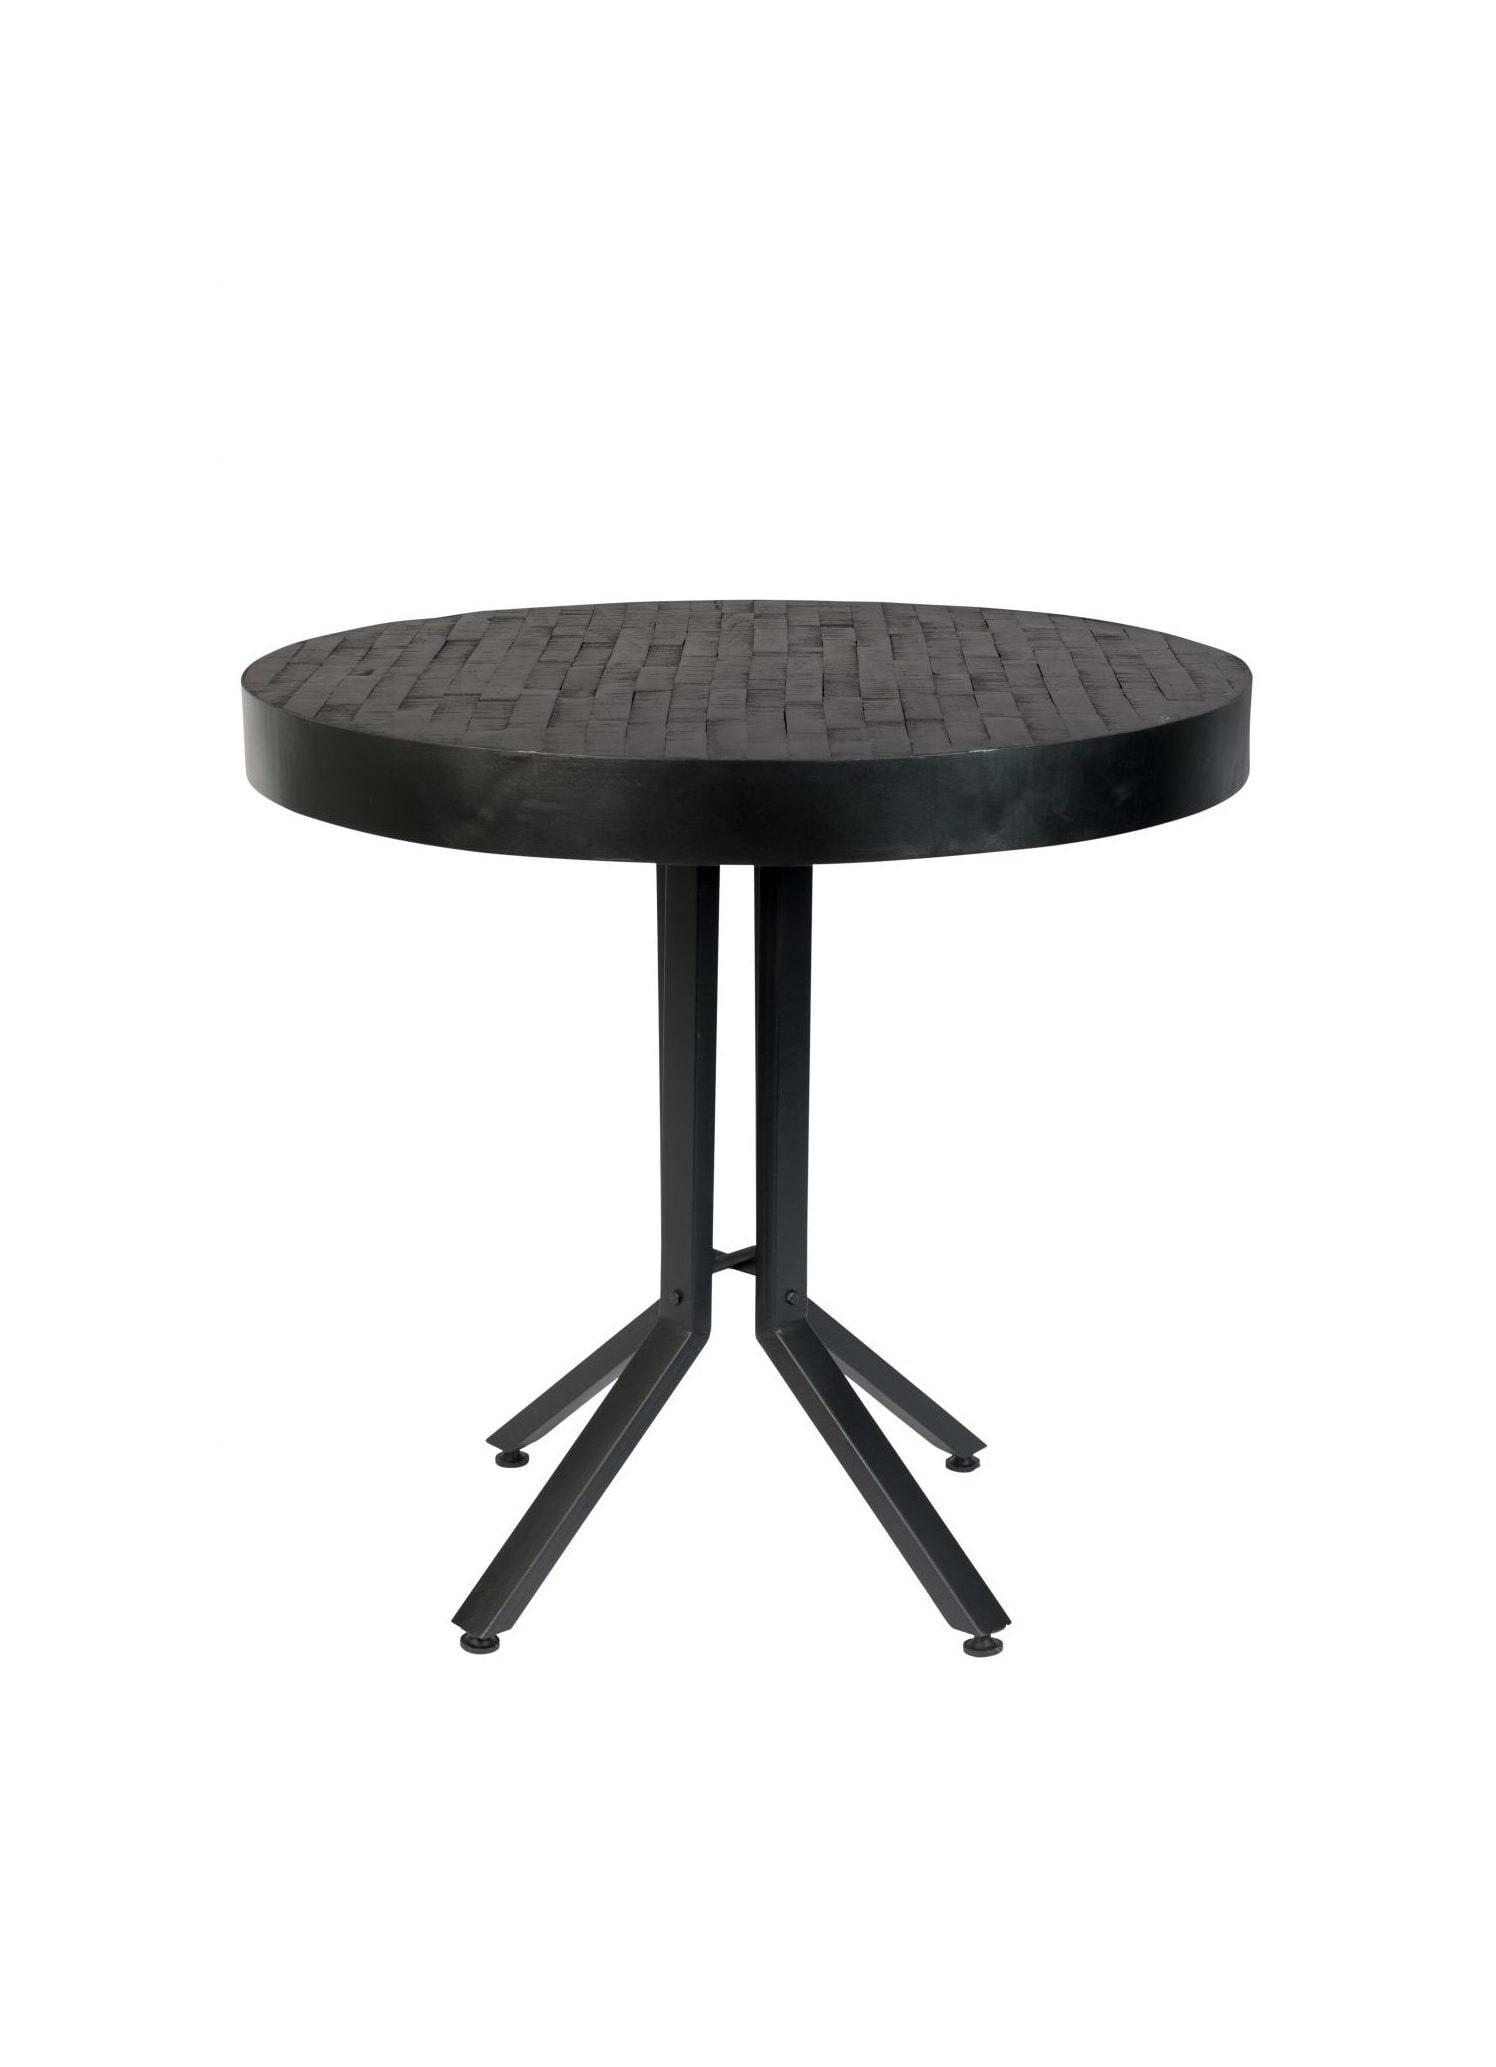 ZILT Industriële Ronde Eettafel 'Enjer', 75cm kleur zwart teak staal aanschaffen? Kijk hier!